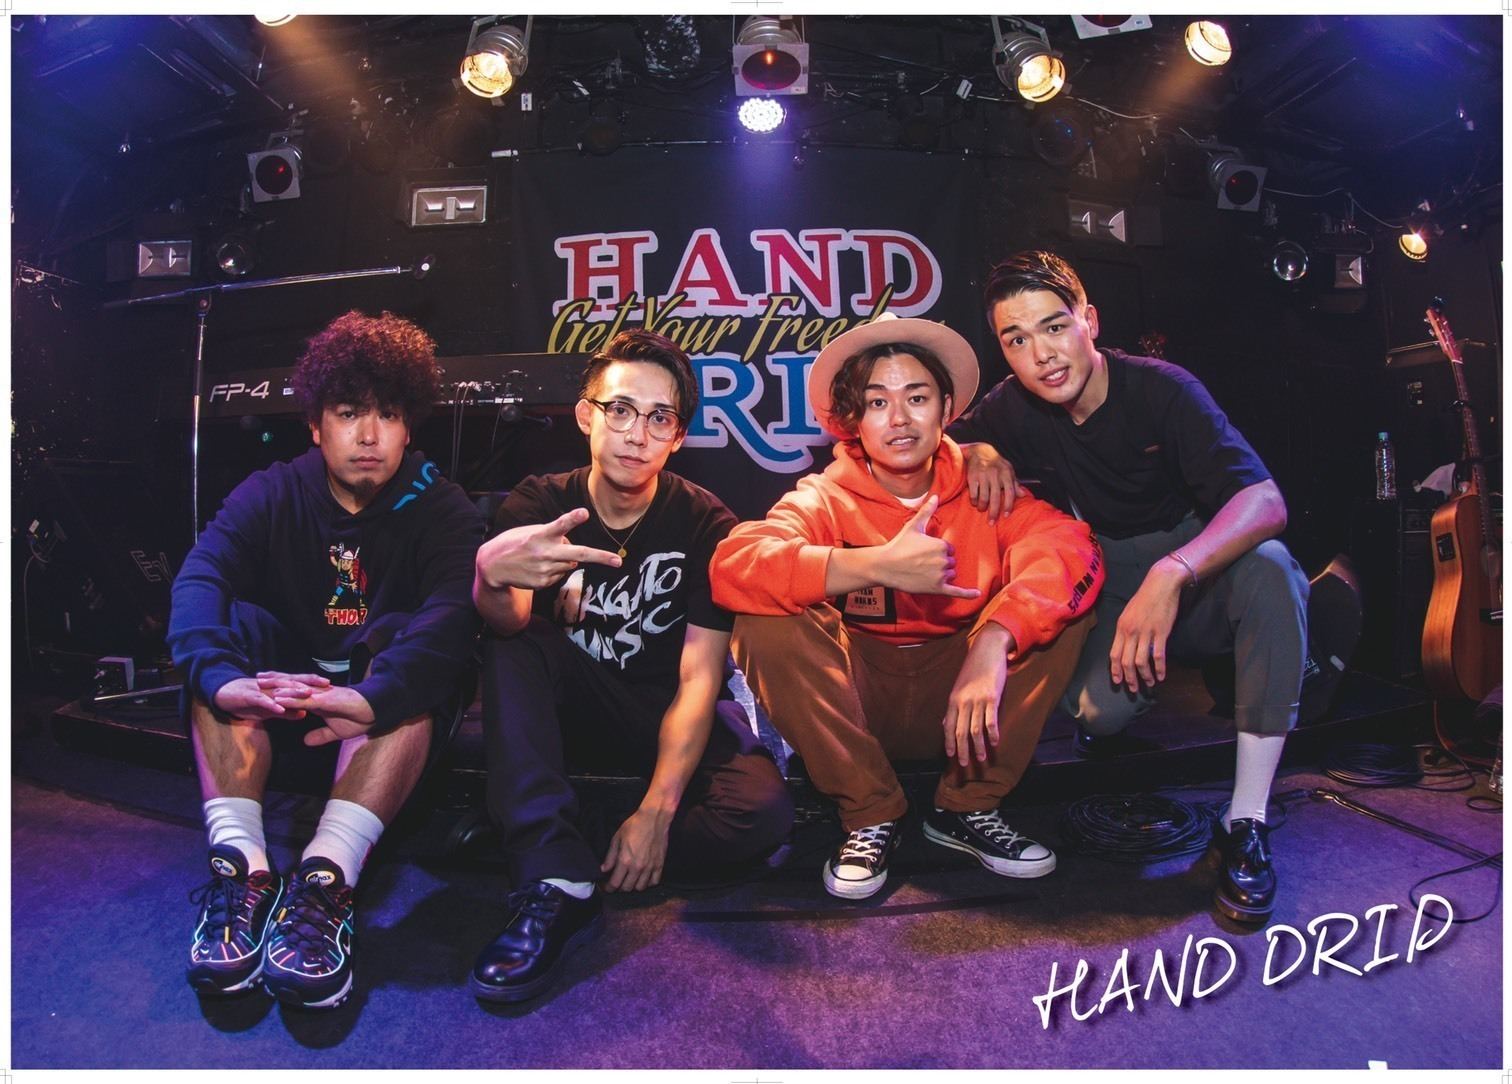 HAND DRIPポスター